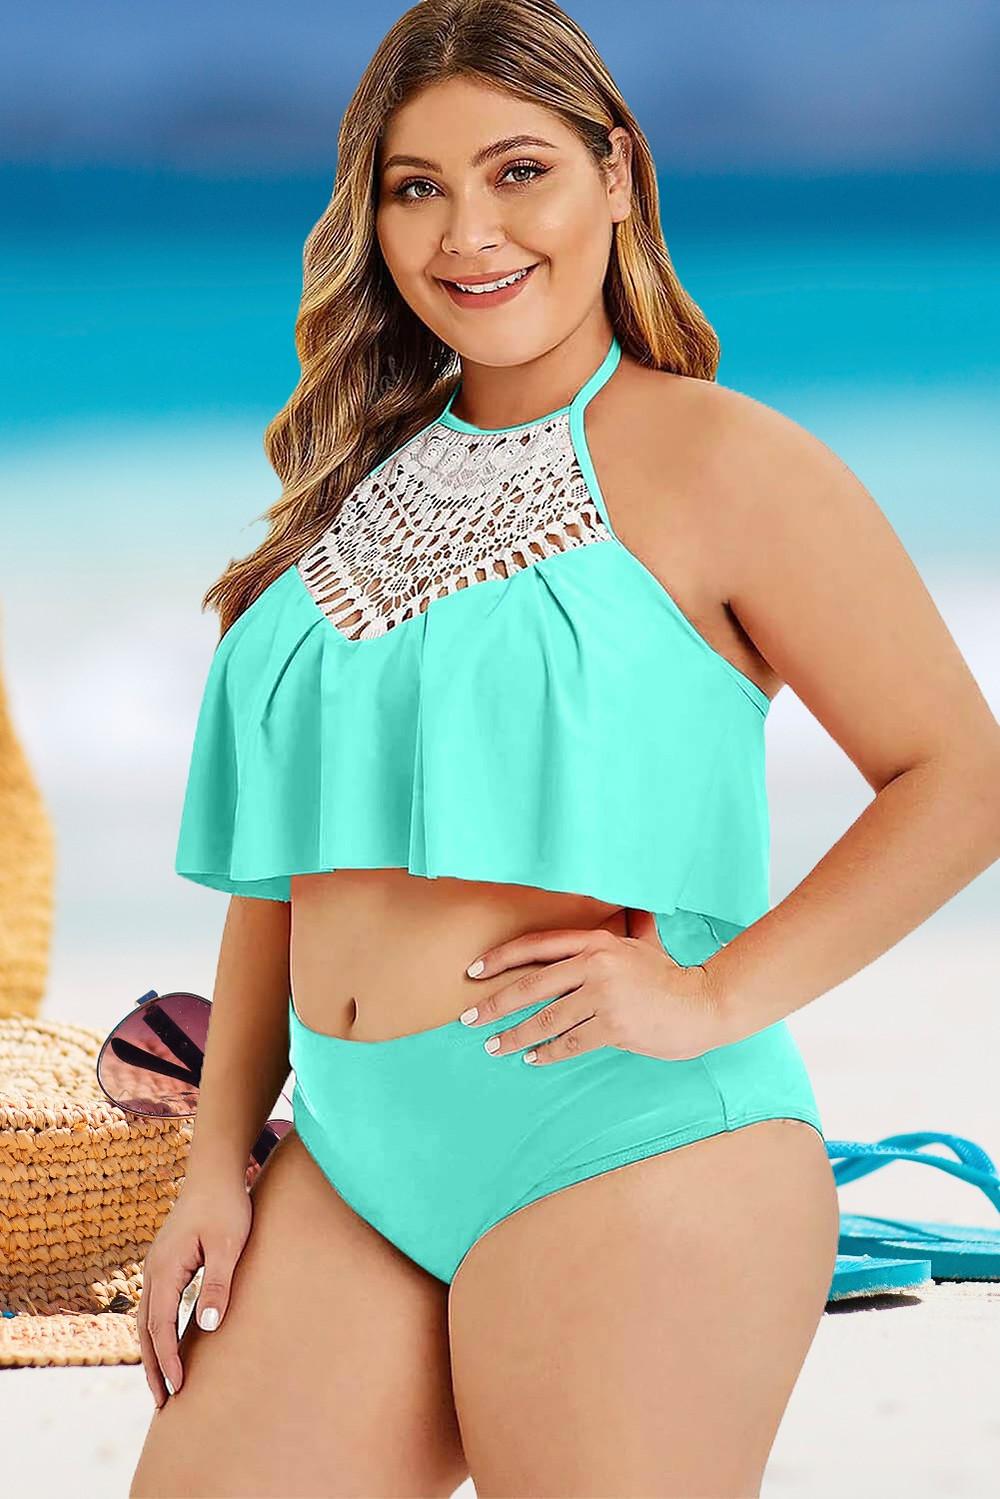 Parairdevacaciones.com_ultimas-tendencias_en_ropa_de_playa_bañadores_bikinis_mujer